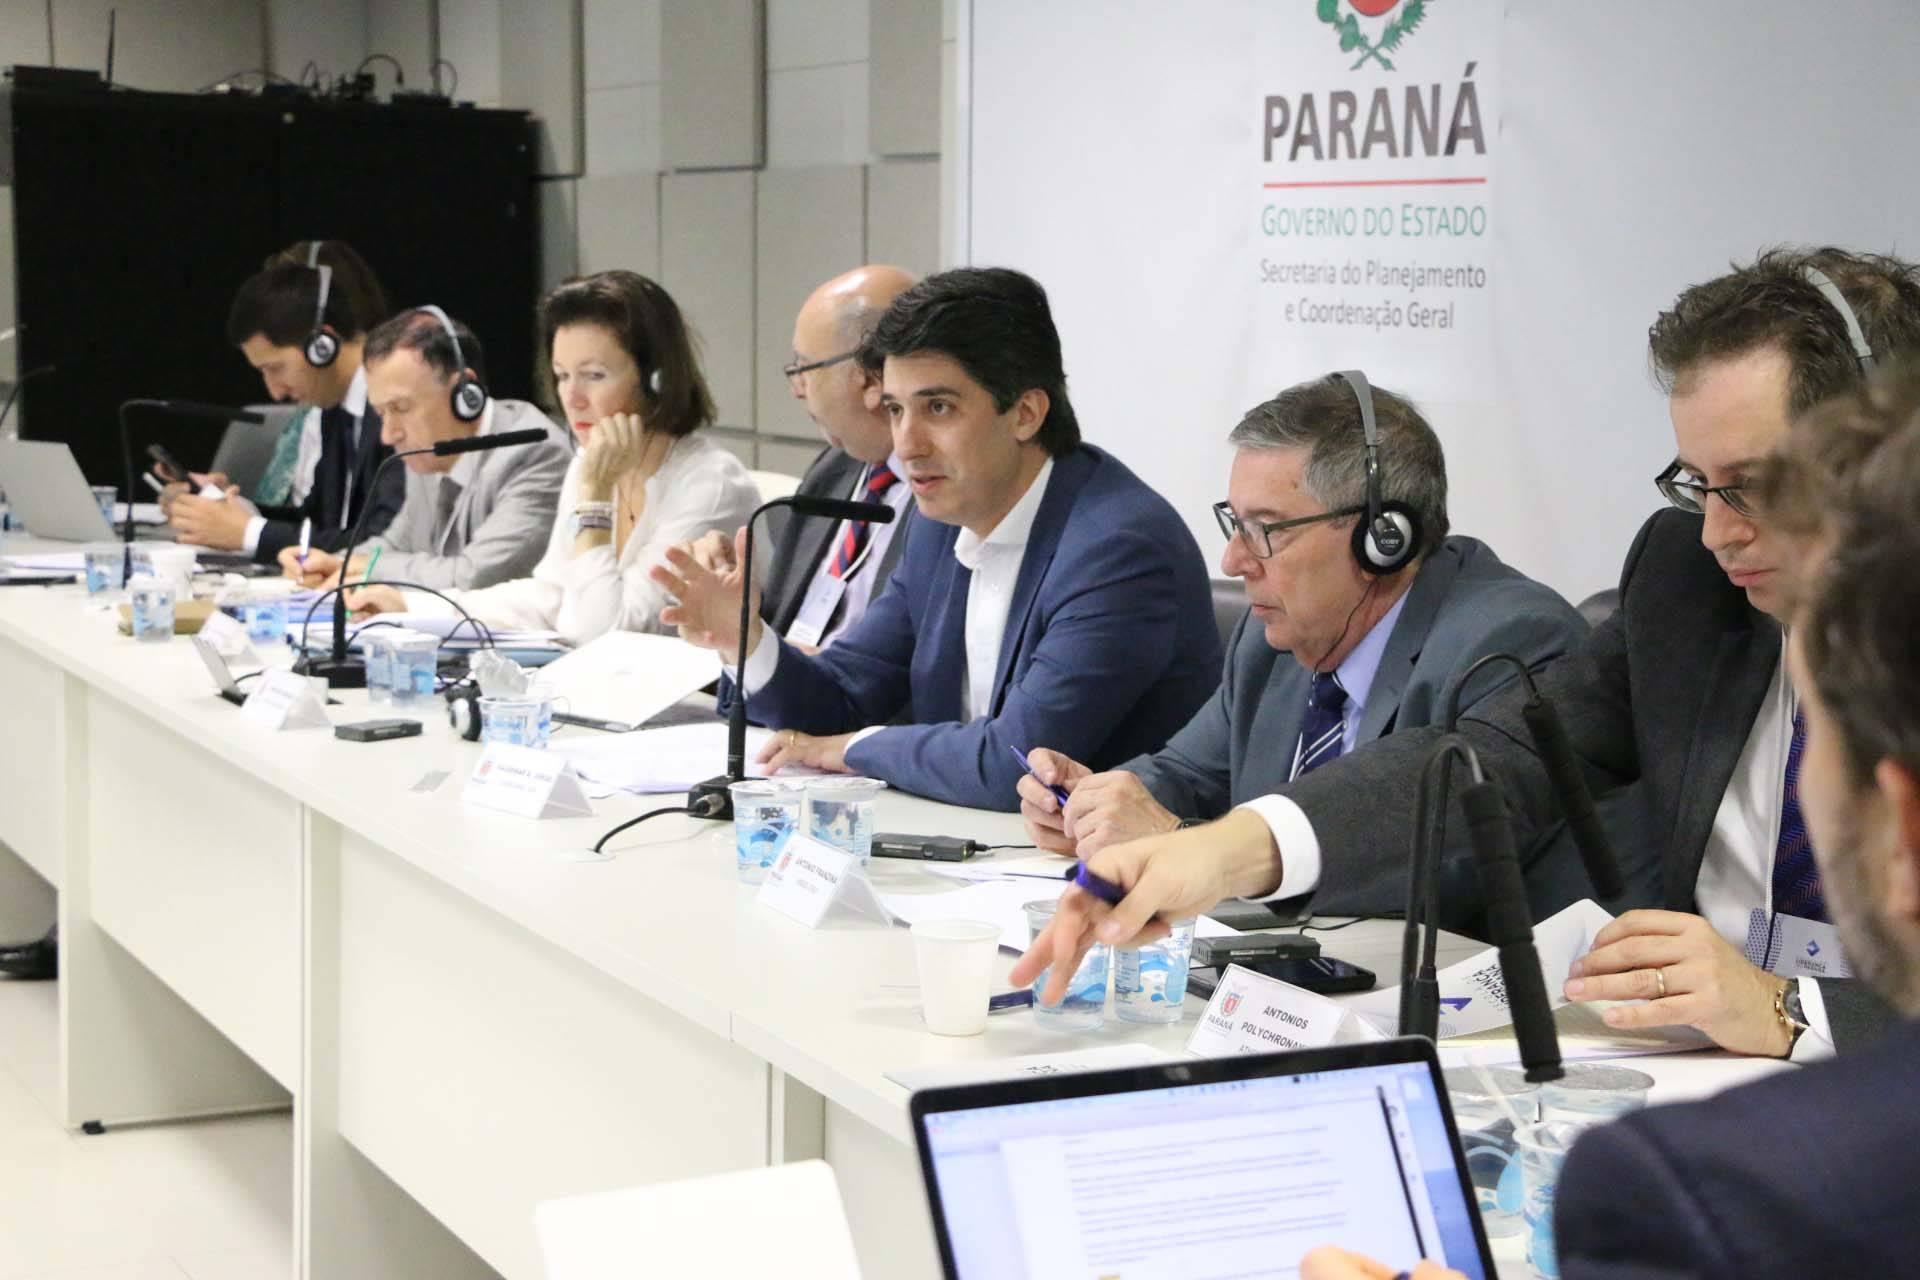 Especialistas de nove países participam do evento, em Curitiba. O encontro de dois dias antecede a Conferência Família e Inovação Social, que será realizada sexta-feira (29).